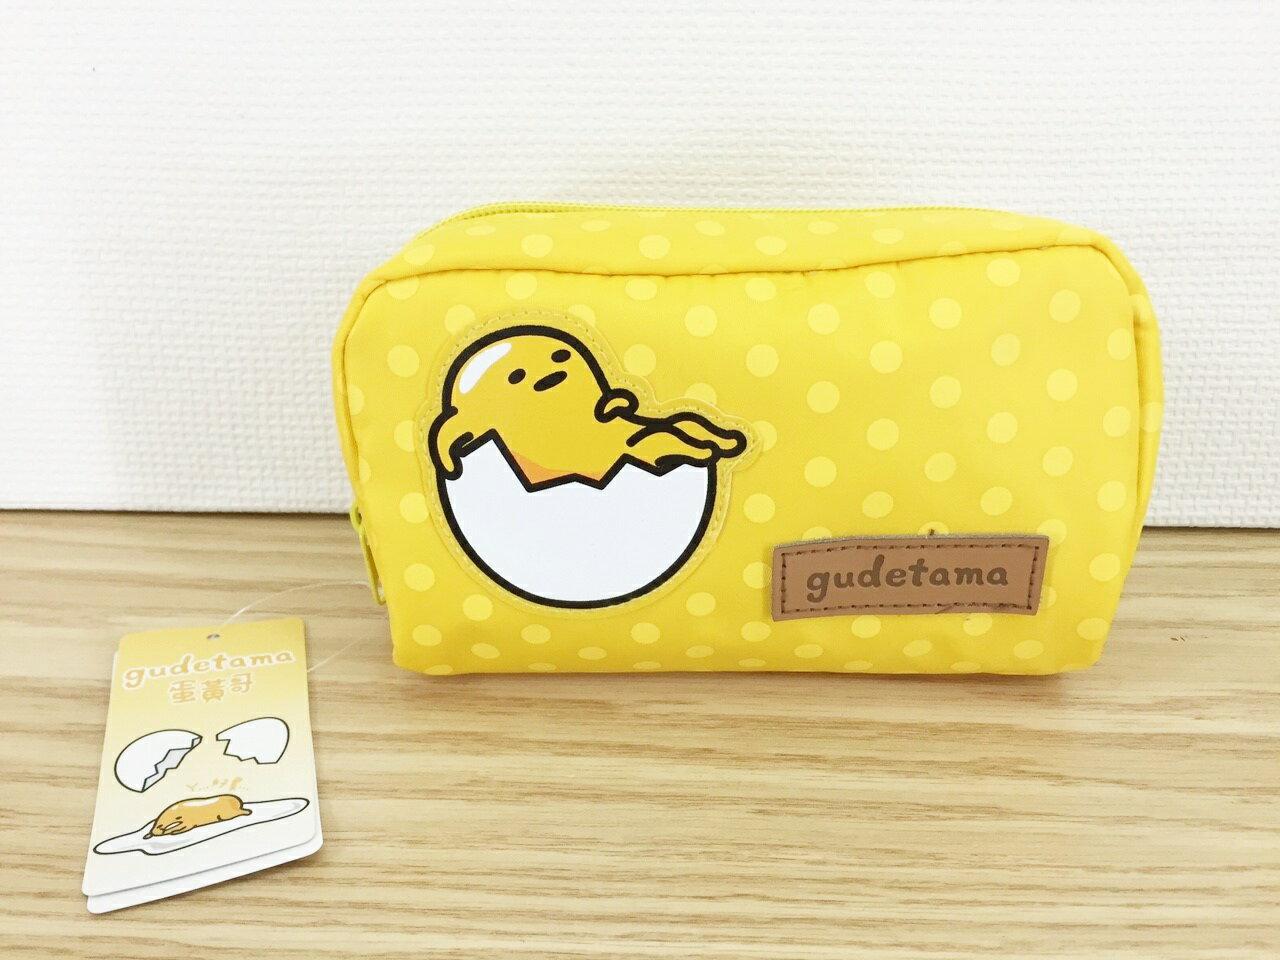 【真愛日本】16011600002方化妝包-蛋黃哥   Gudetama 三麗鷗 收納袋 化妝包 筆袋